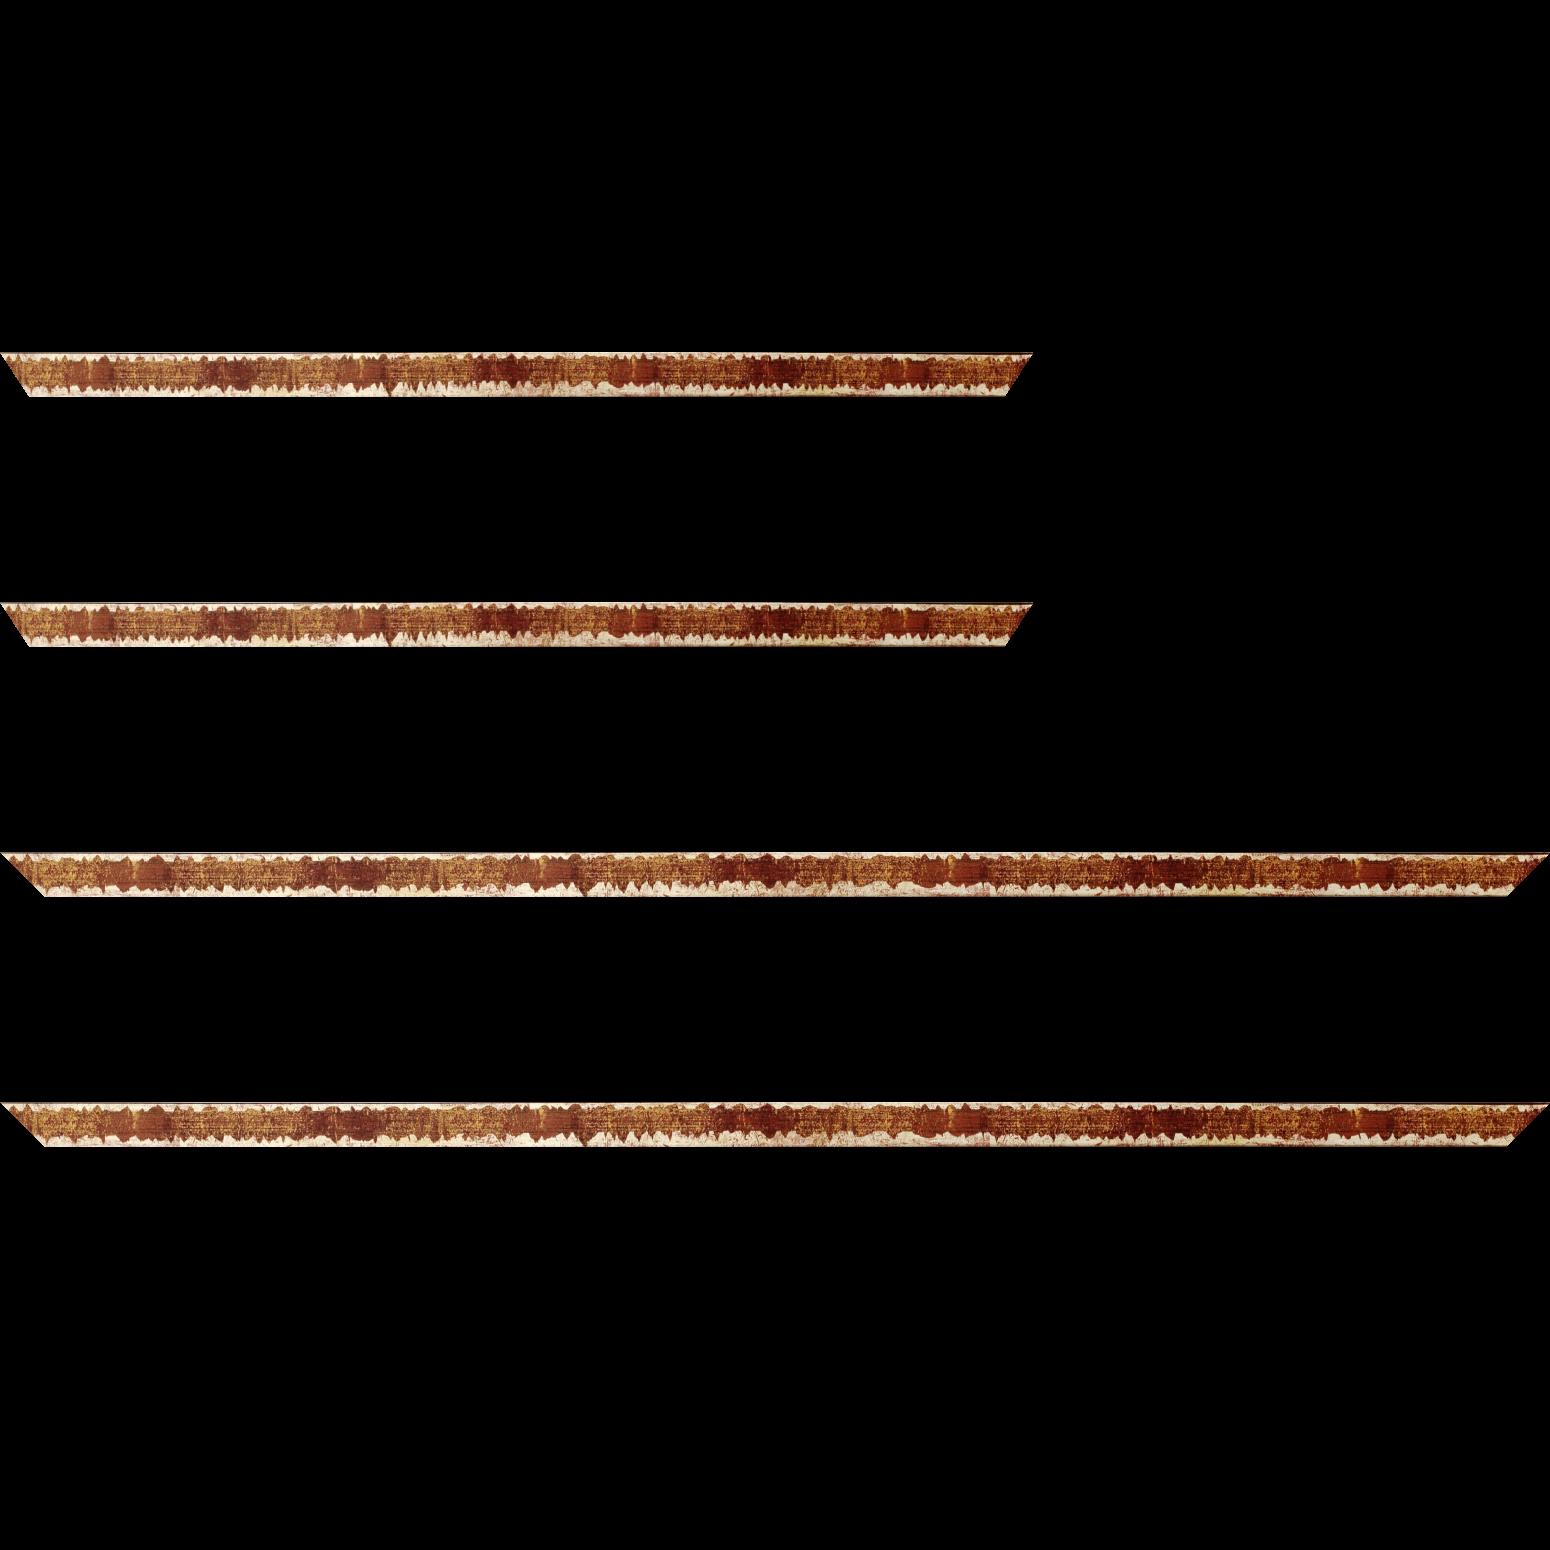 Baguette bois profil plat largeur 1.5cm couleur bordeaux fond or ,bord or déstructuré ( extérieur du cadre ton bois marron)